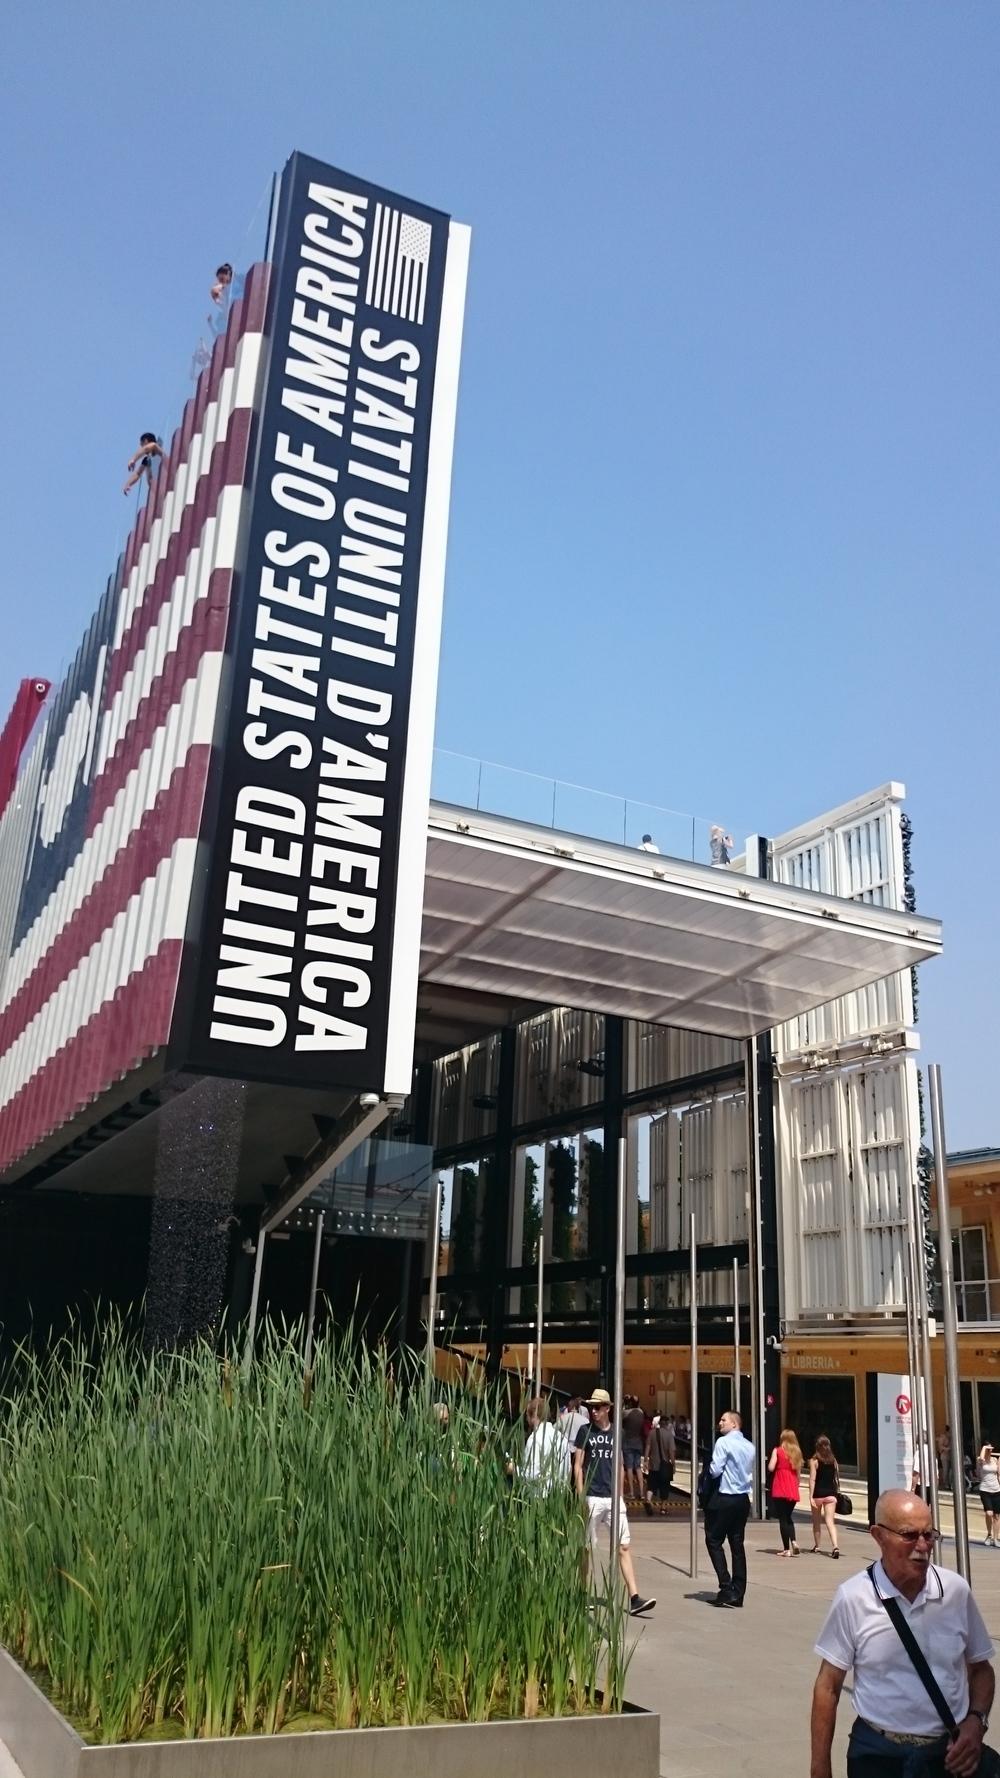 U.S.A pavilion nearby